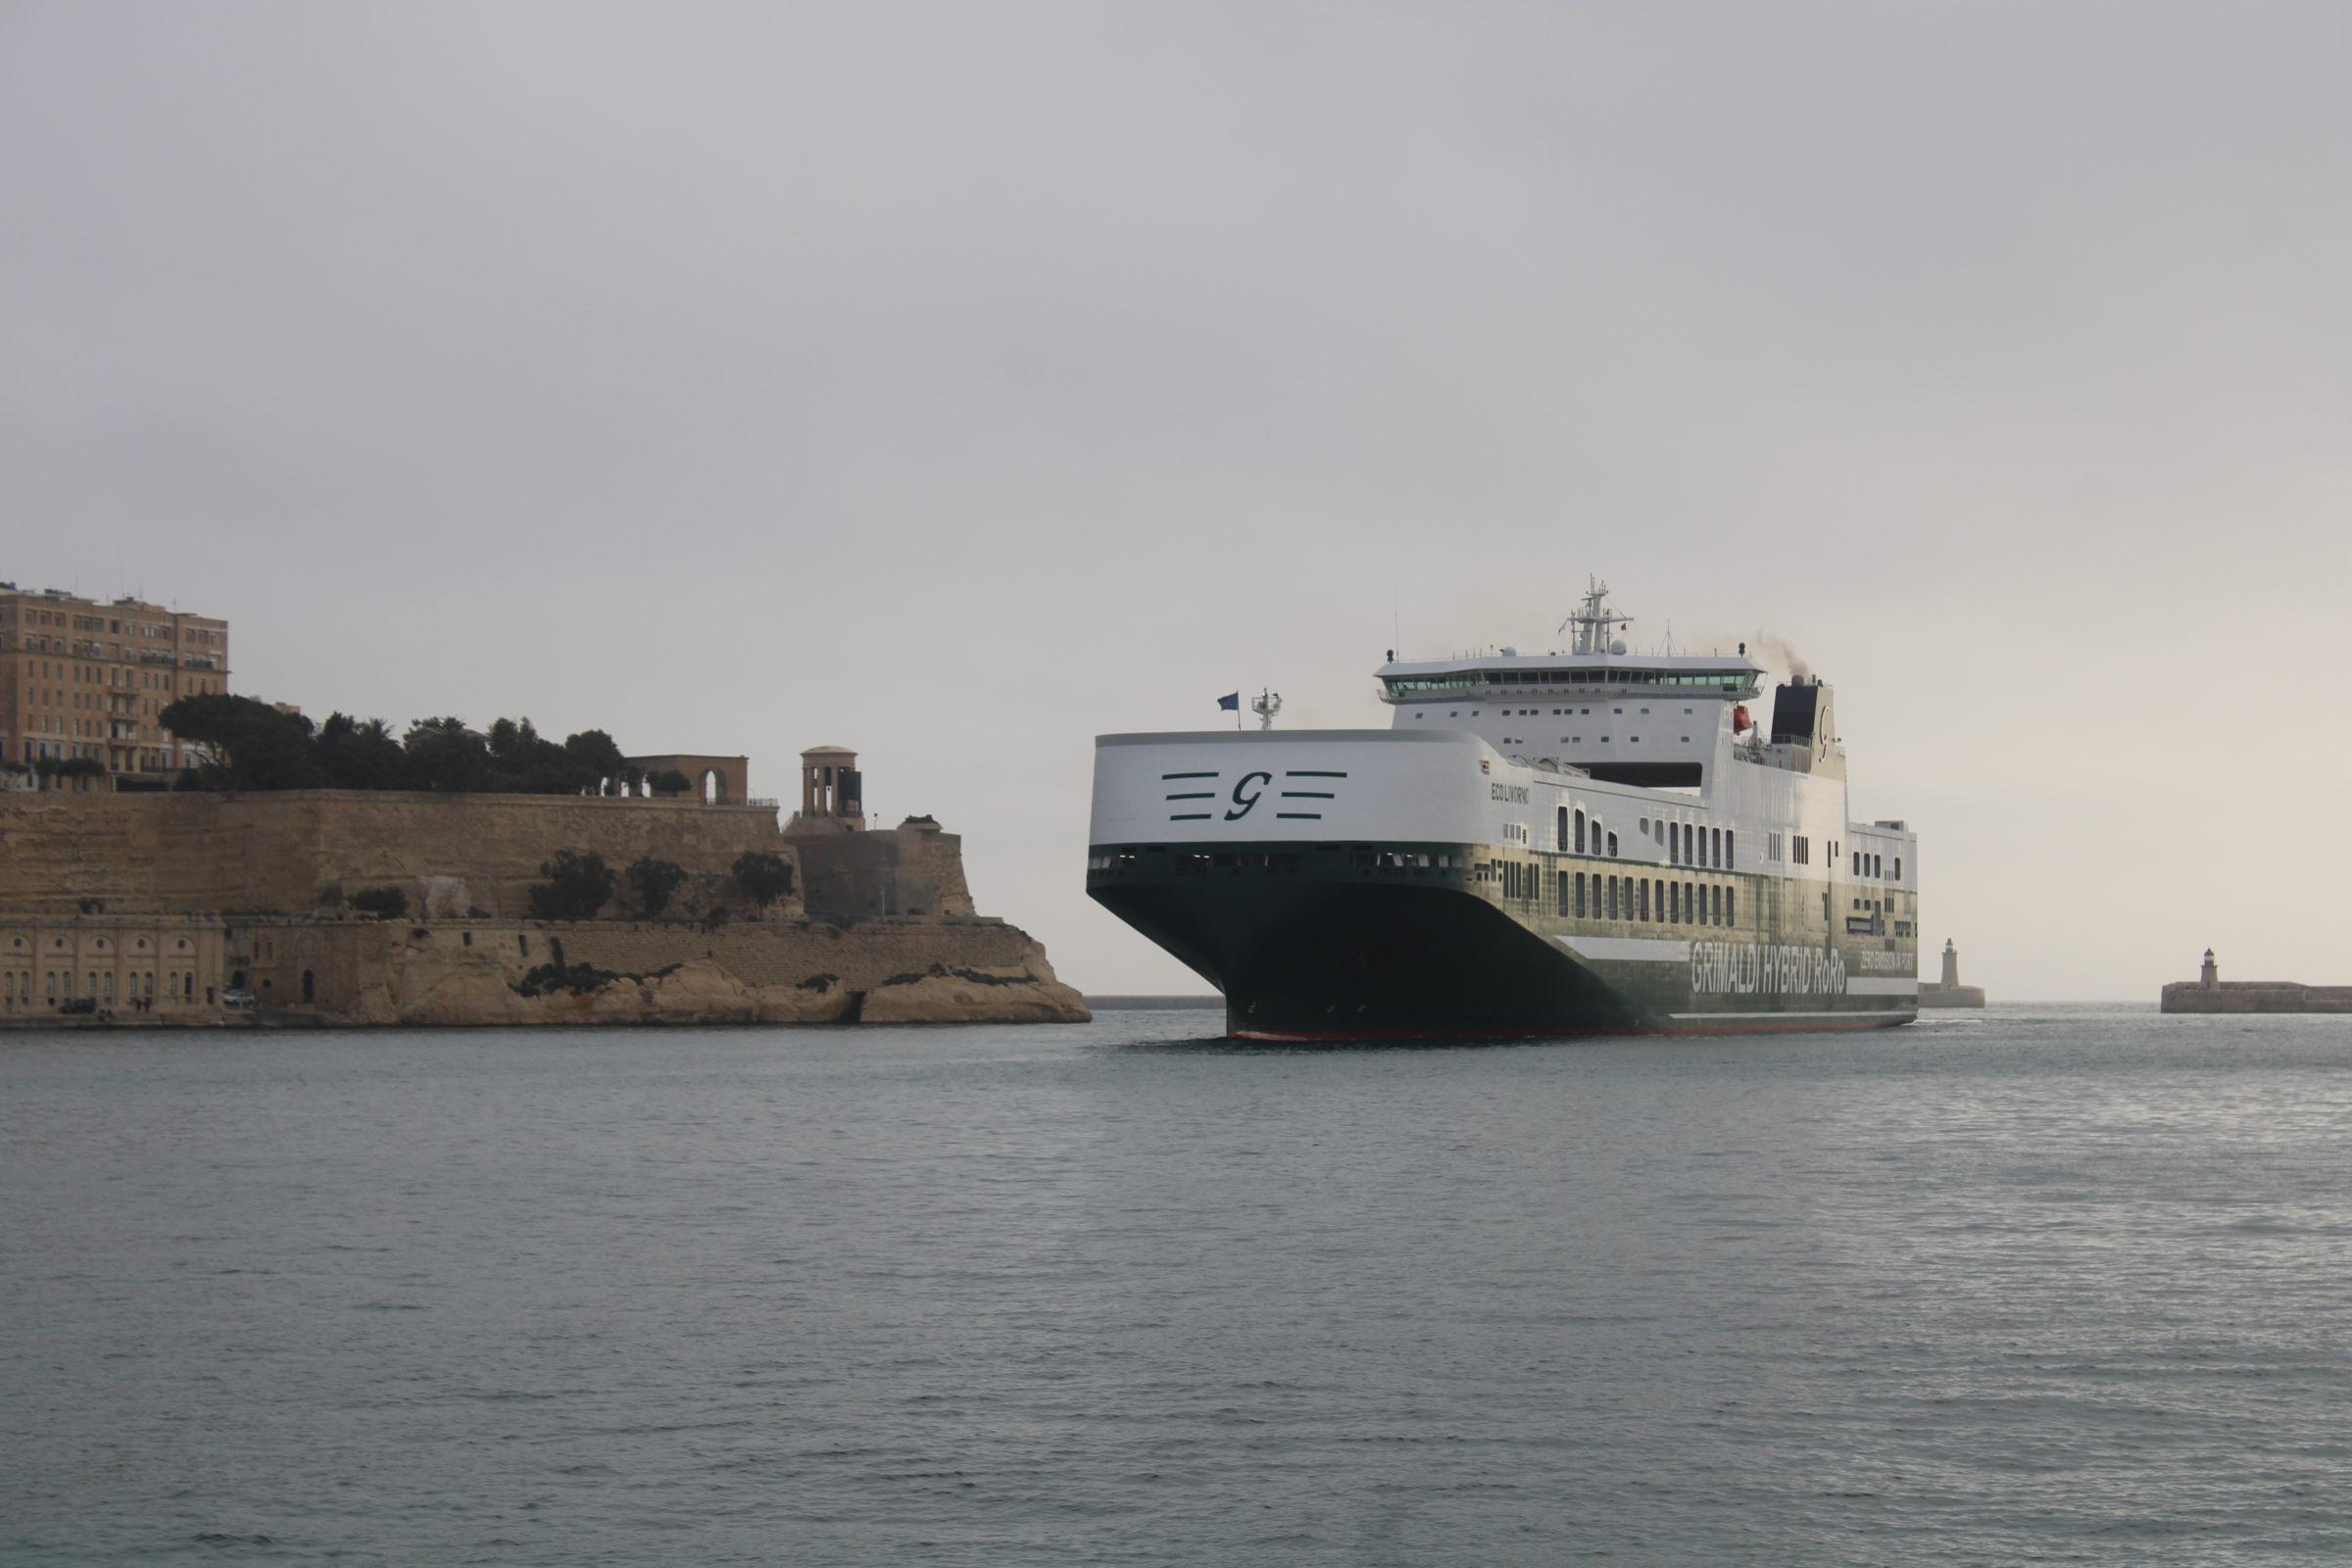 First Hybrid RoRo Vessel 'MV ECO Livorno' Arrives in Malta